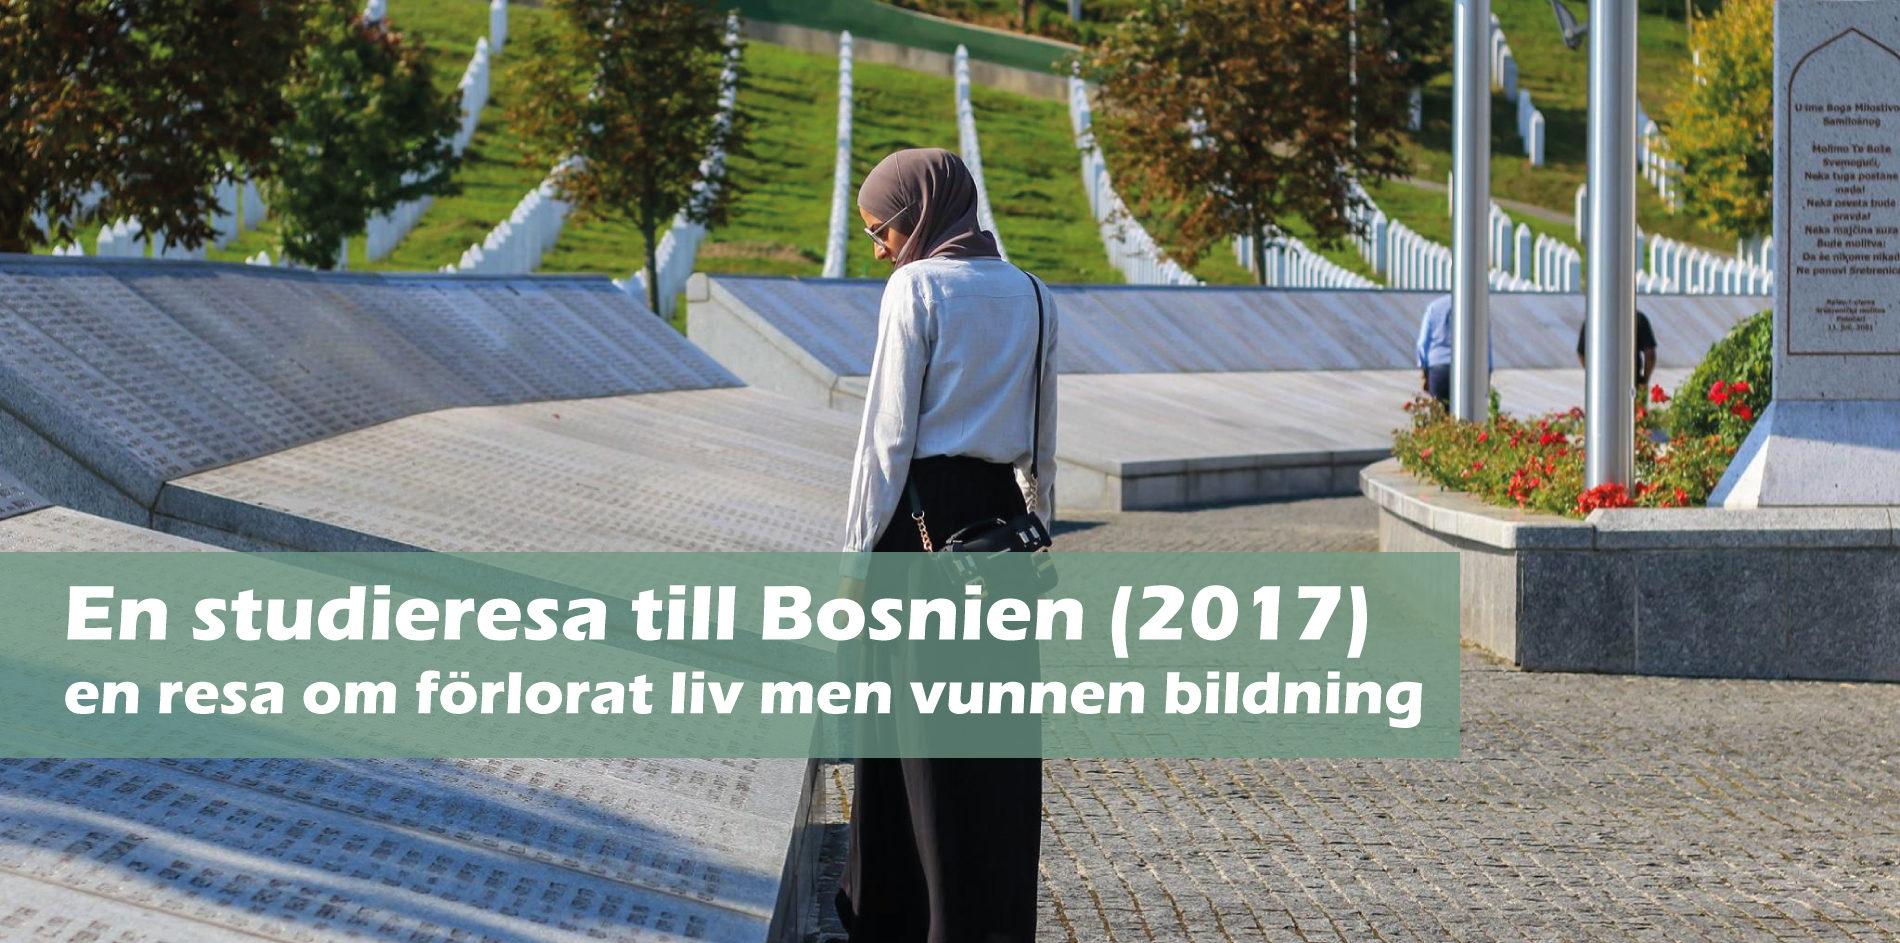 En studieresa till Bosnien (2017) – en resa om förlorat liv men vunnen bildning